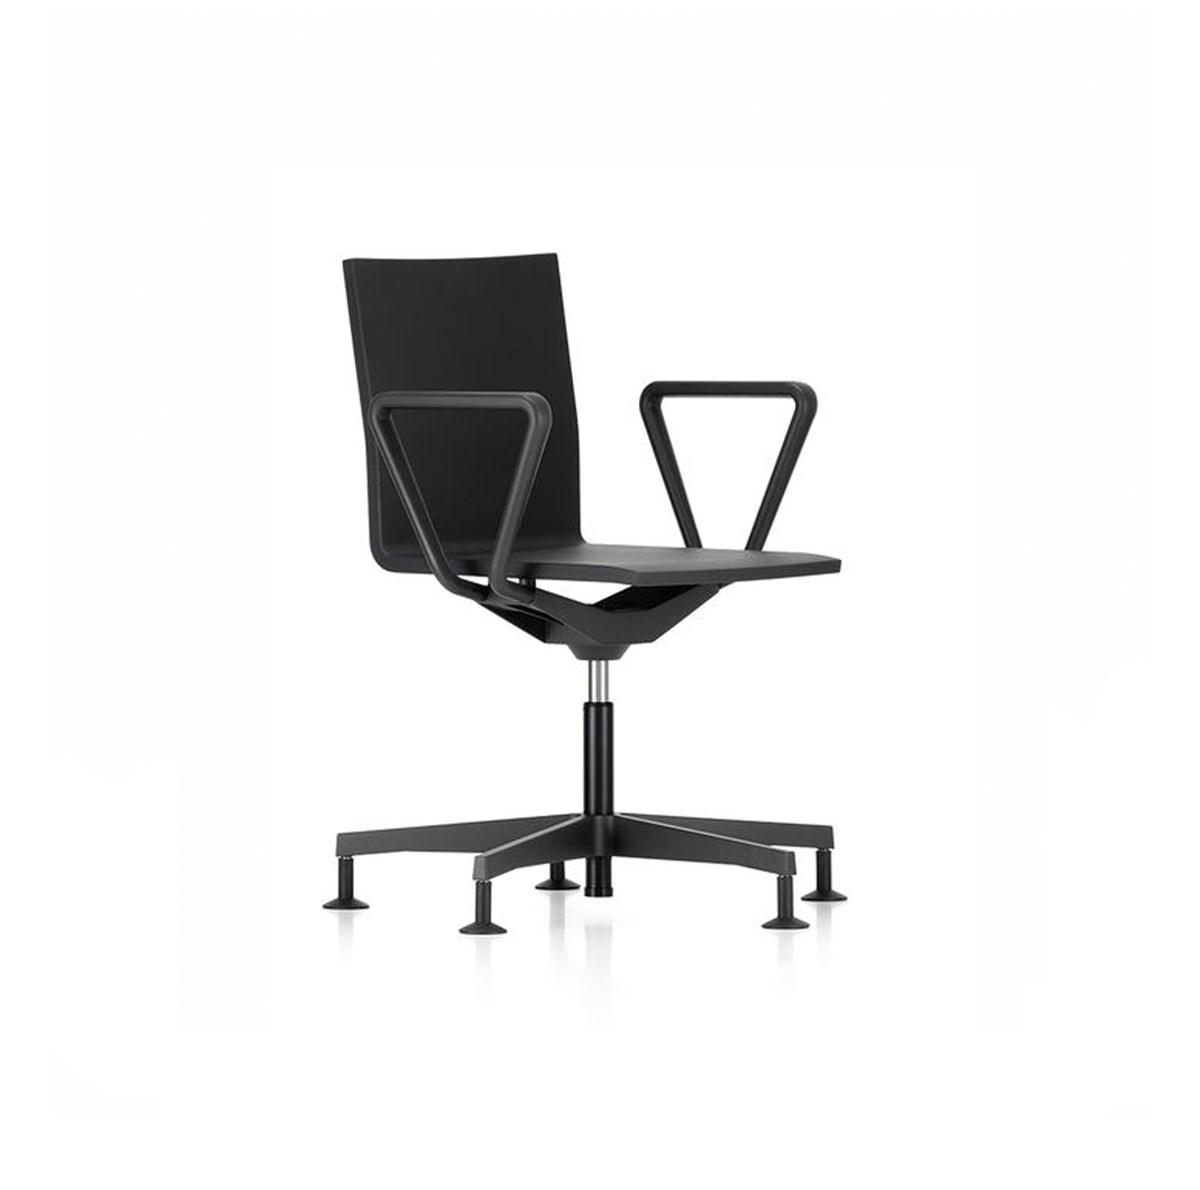 Vitra-Maarten-Van-Severen-04-Chair-Matisse-1